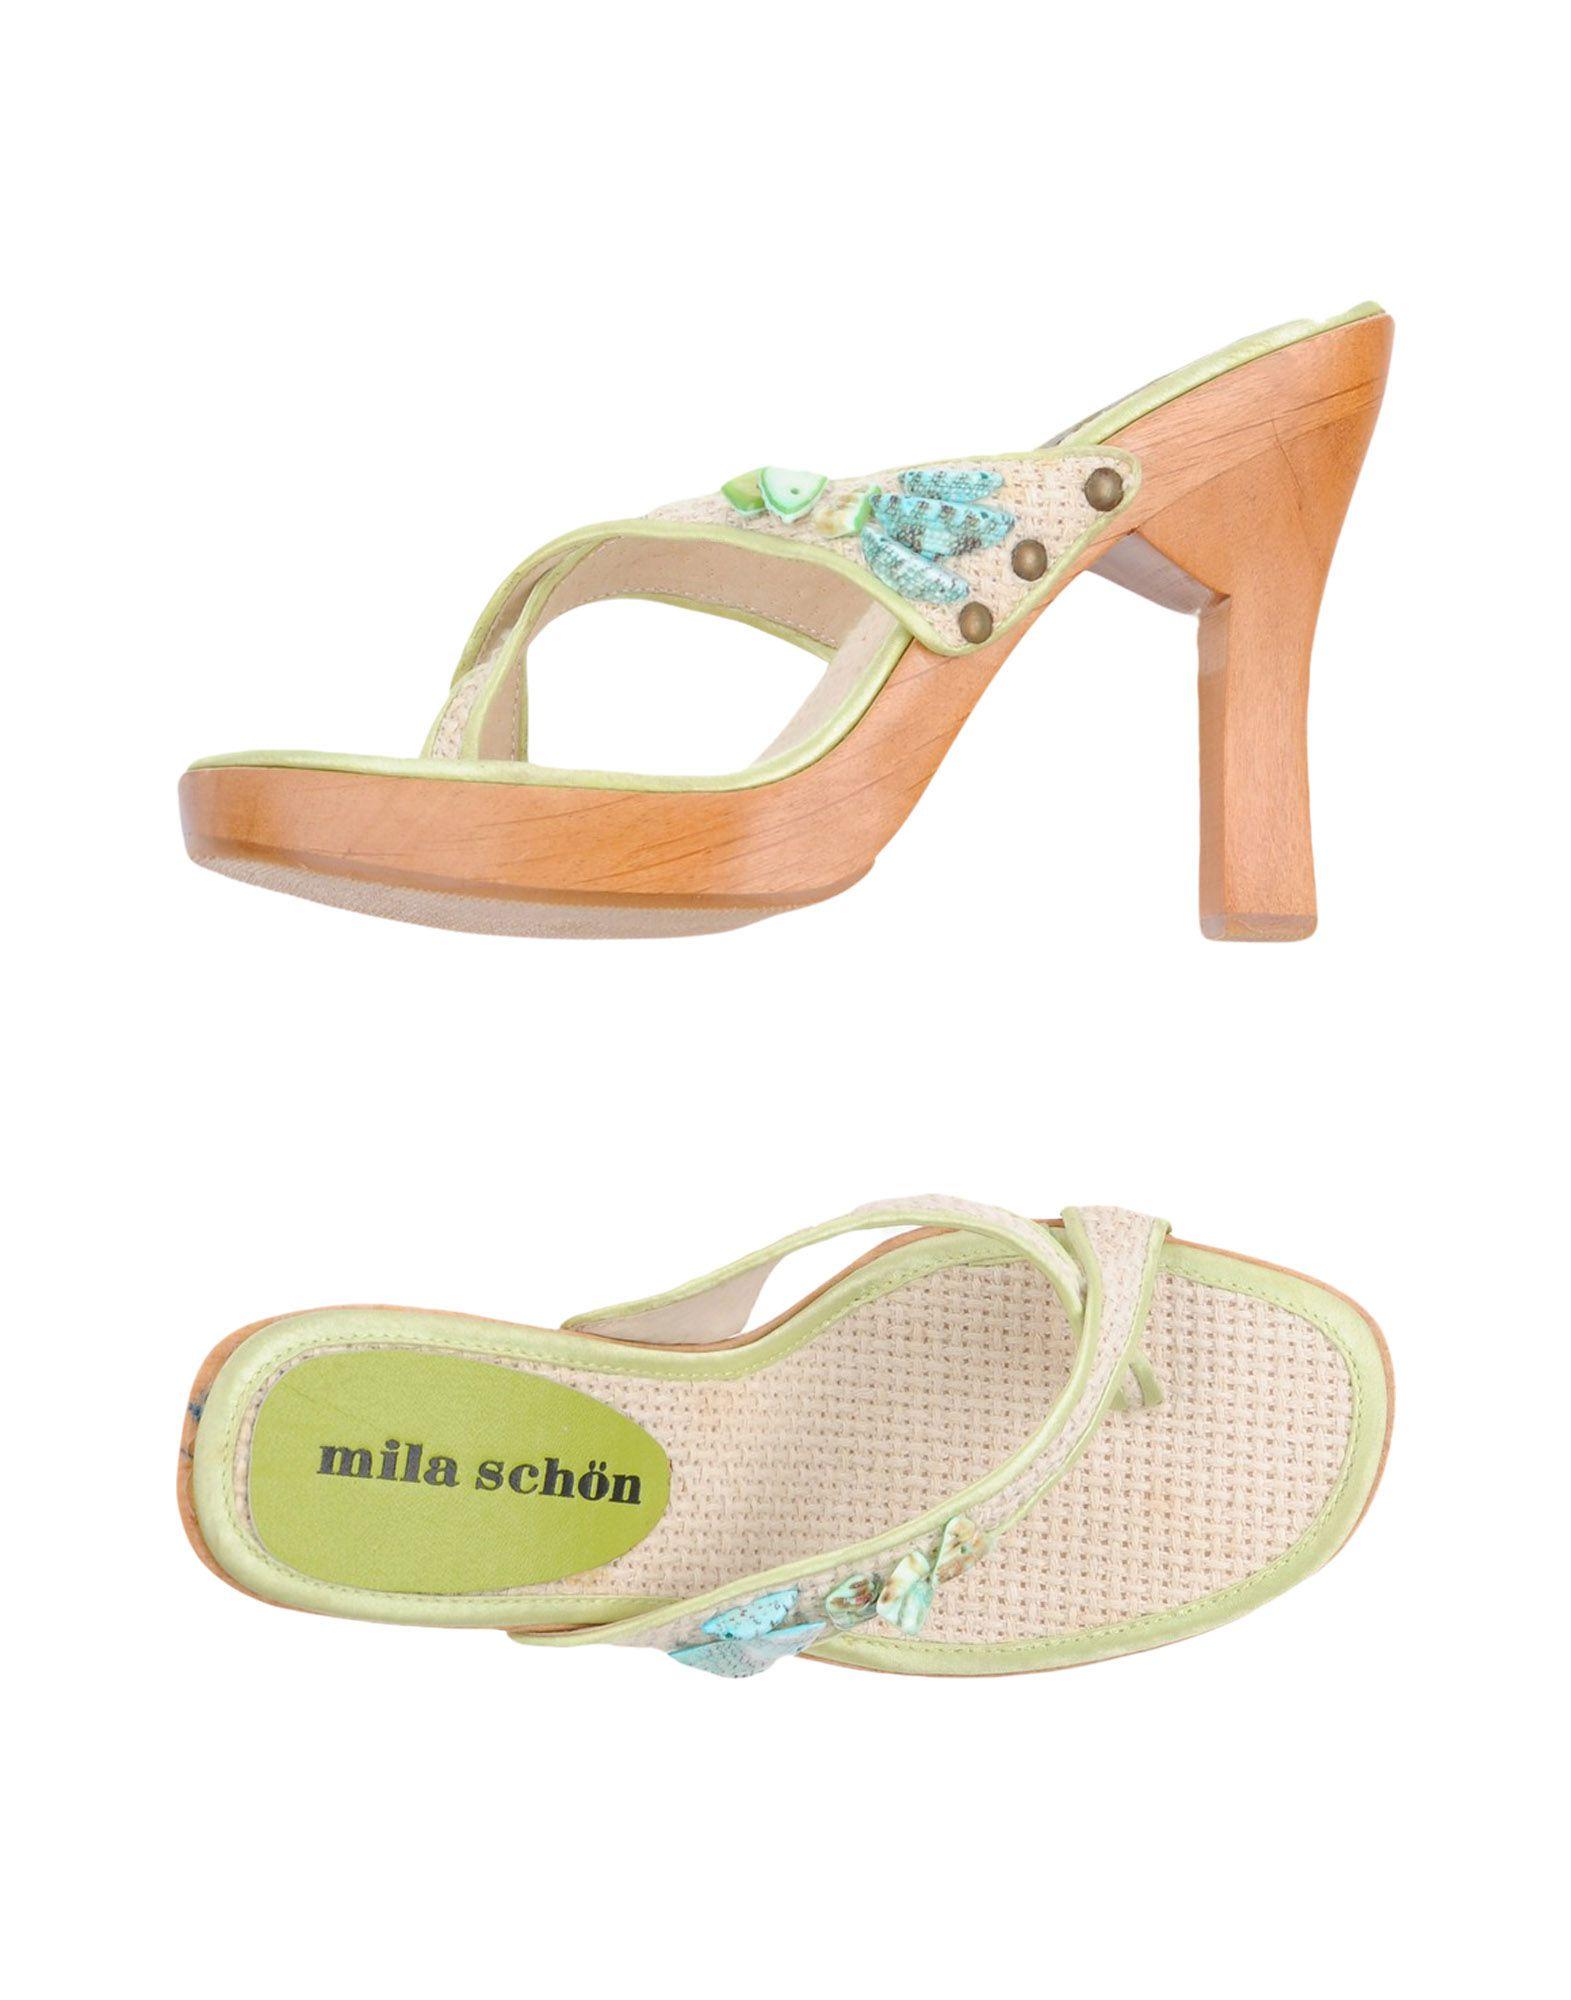 Mila Schön Dianetten Damen  11327751FJ Gute Qualität beliebte Schuhe